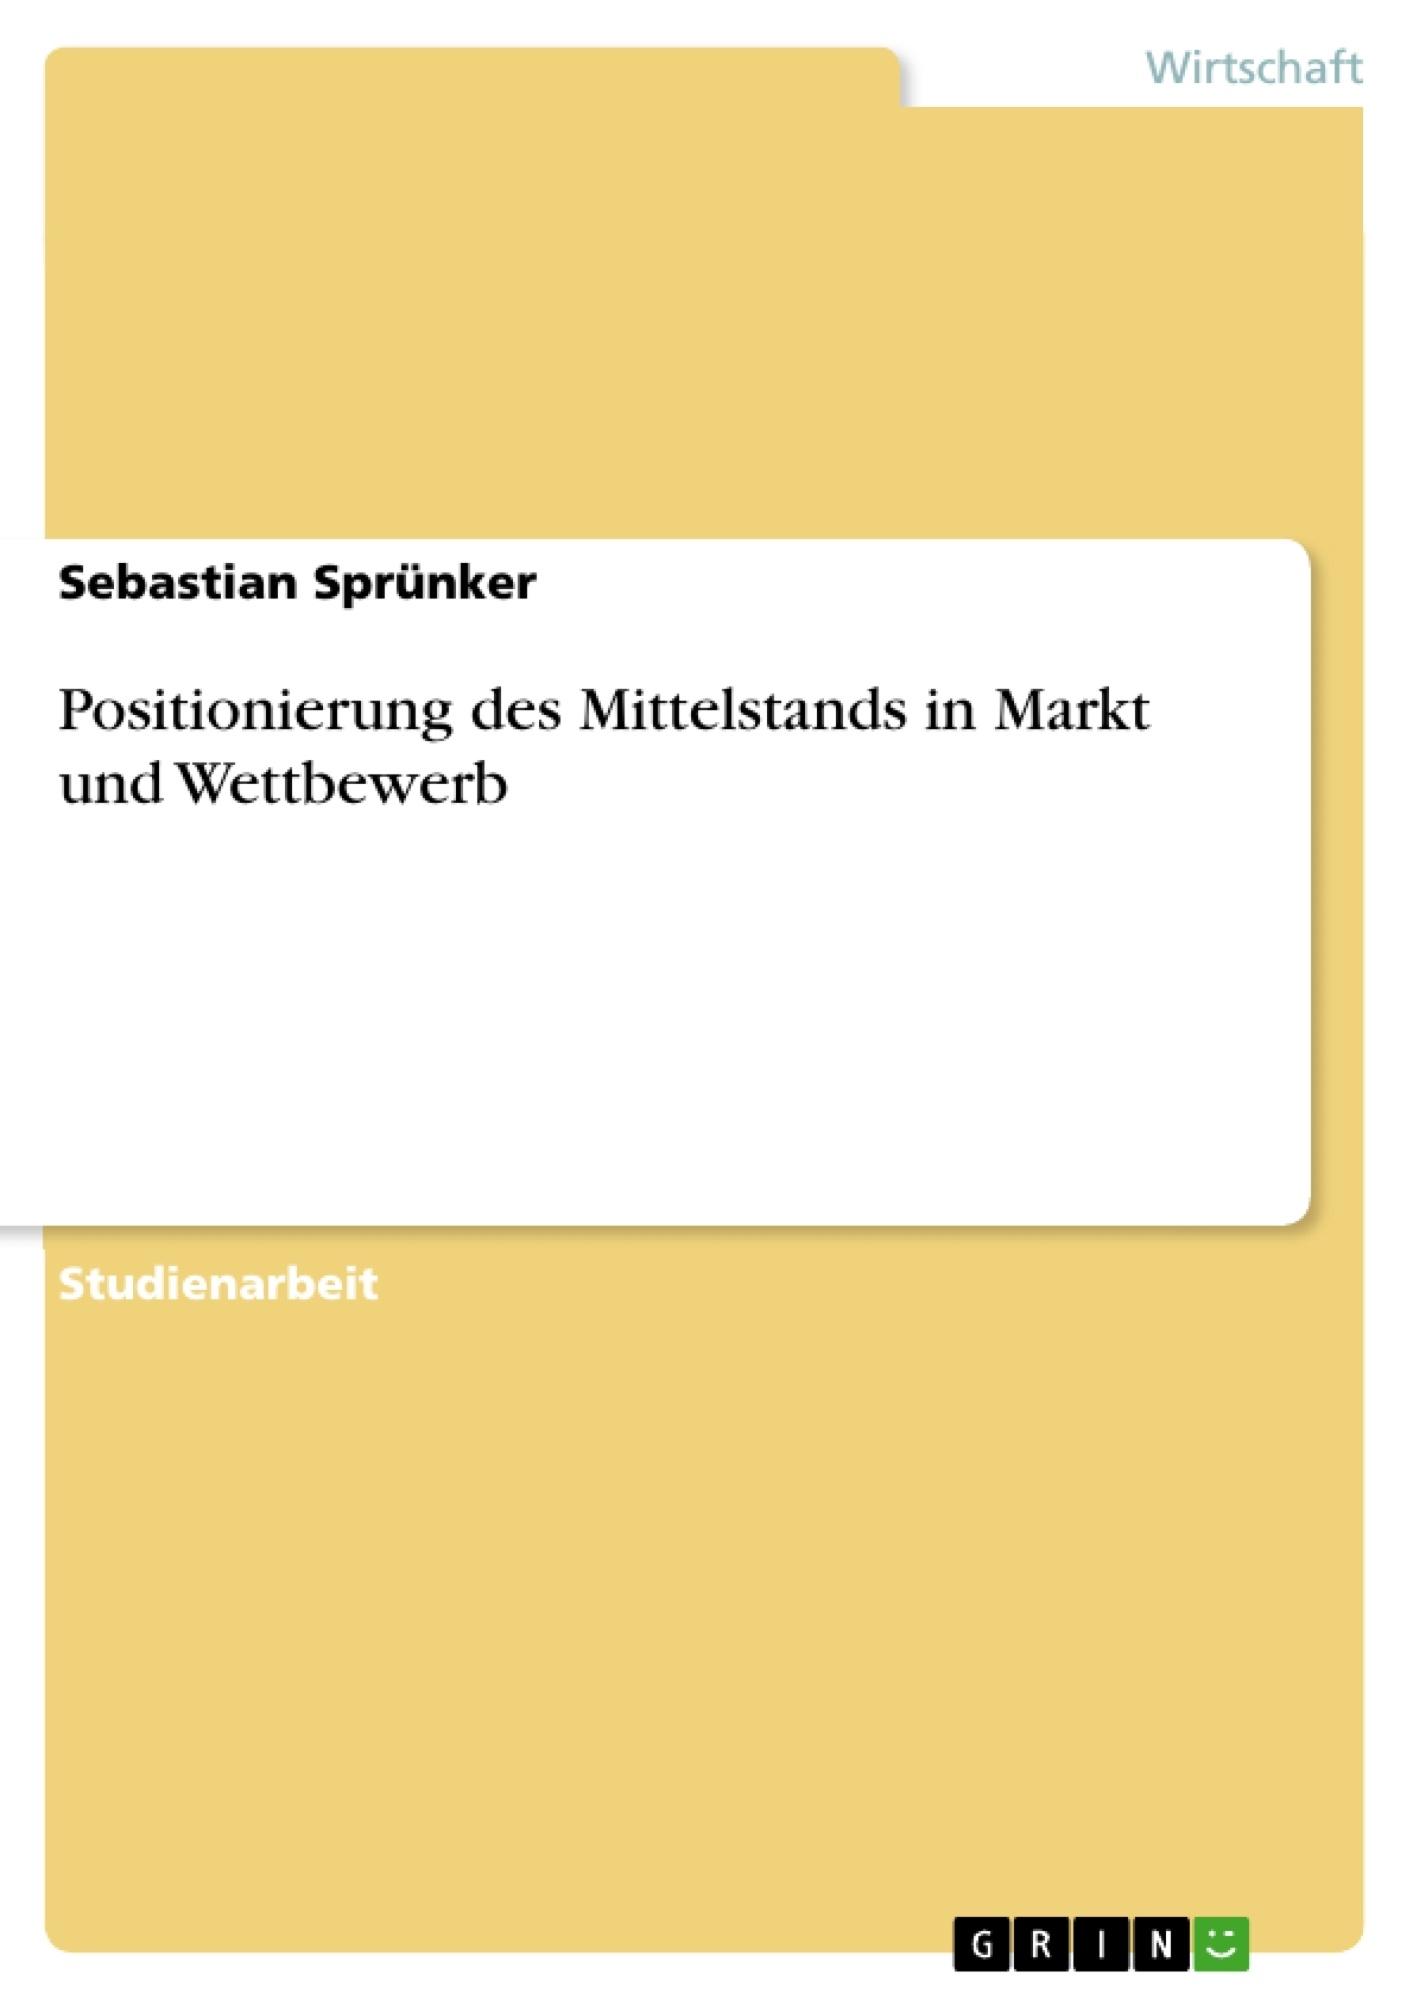 Titel: Positionierung des Mittelstands in Markt und Wettbewerb